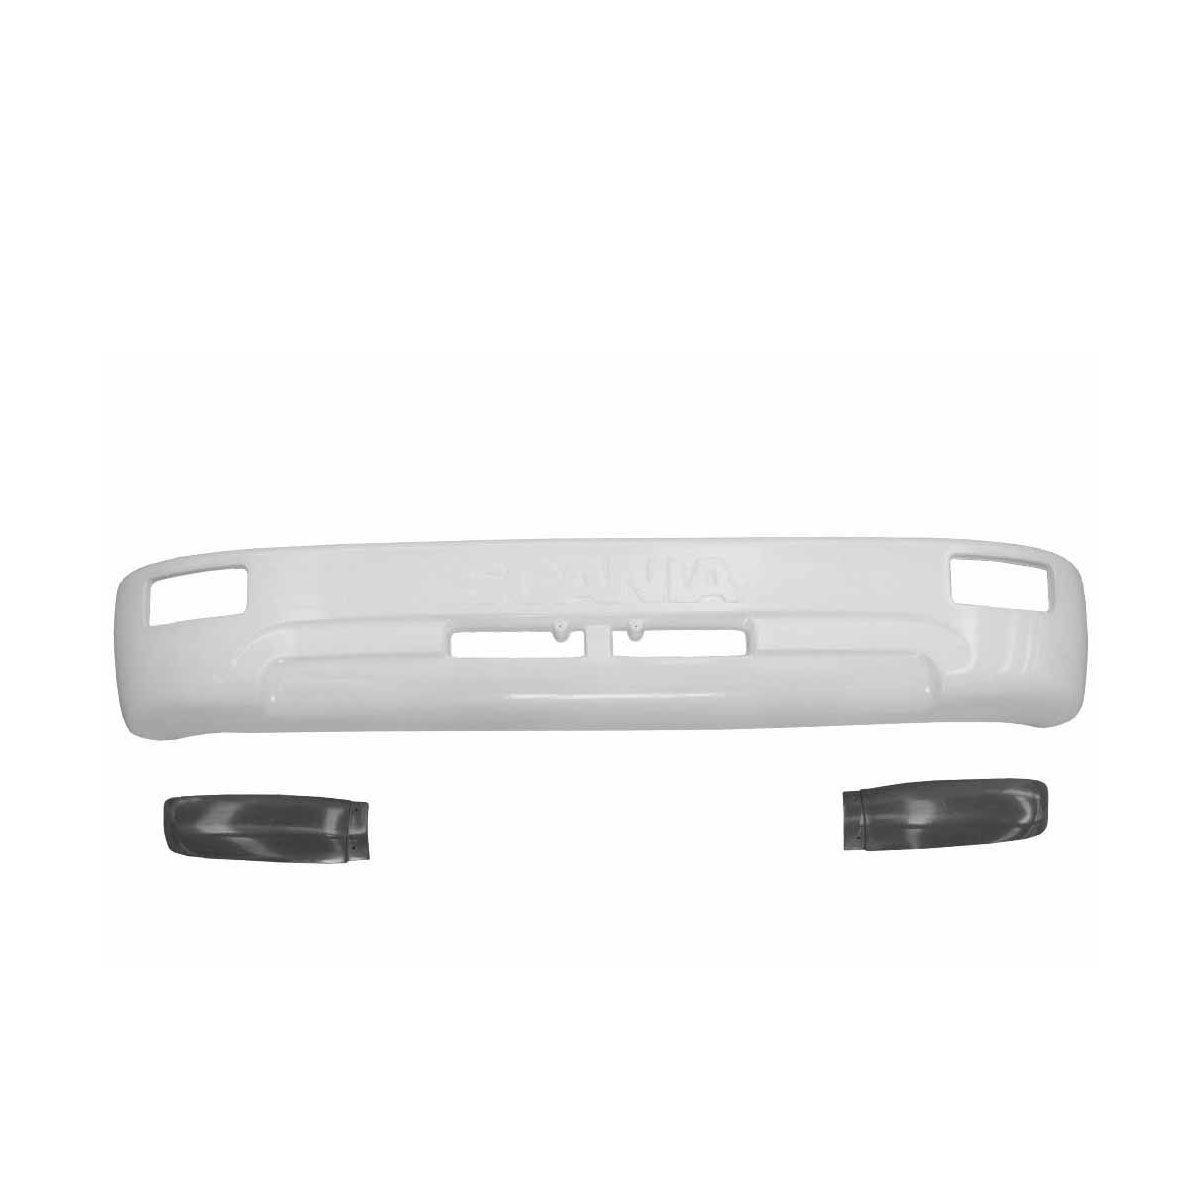 Capa Para-choque Compatível com o Caminhão Scania S4 R | T Estreita